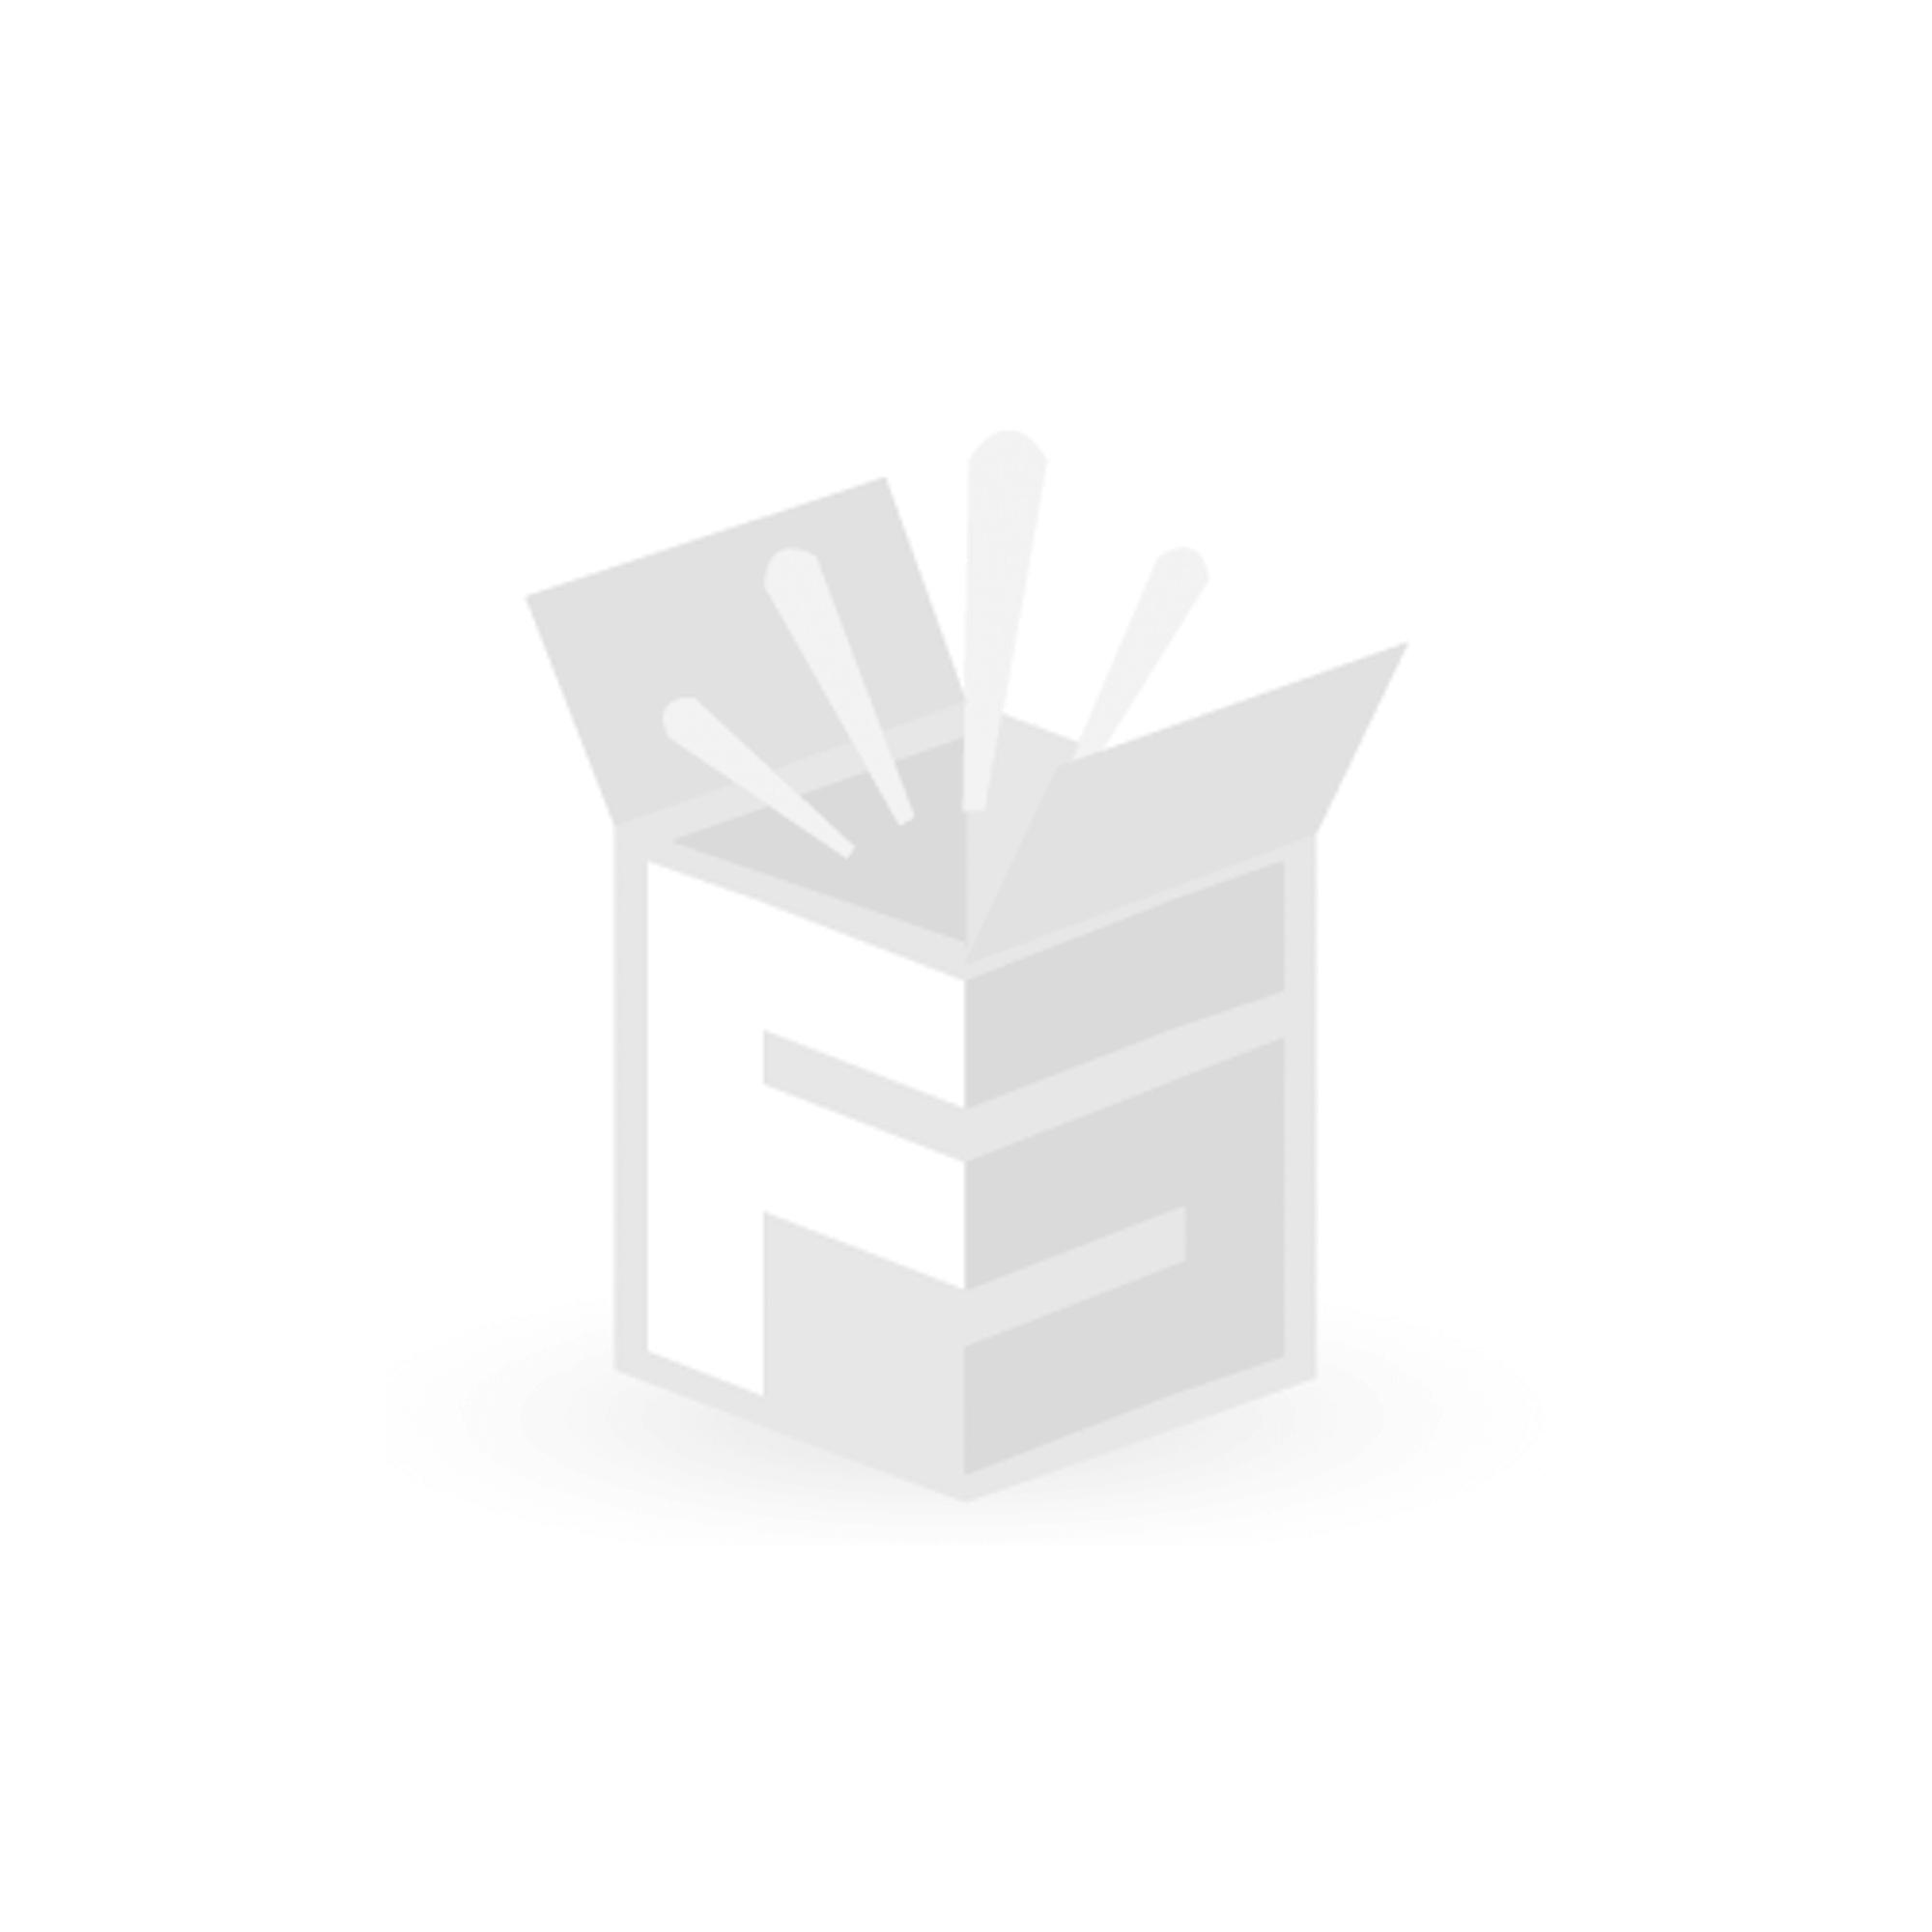 Contini höhenverstellbarer Bürotisch 2.0x0.9m grau / Gestell weiss